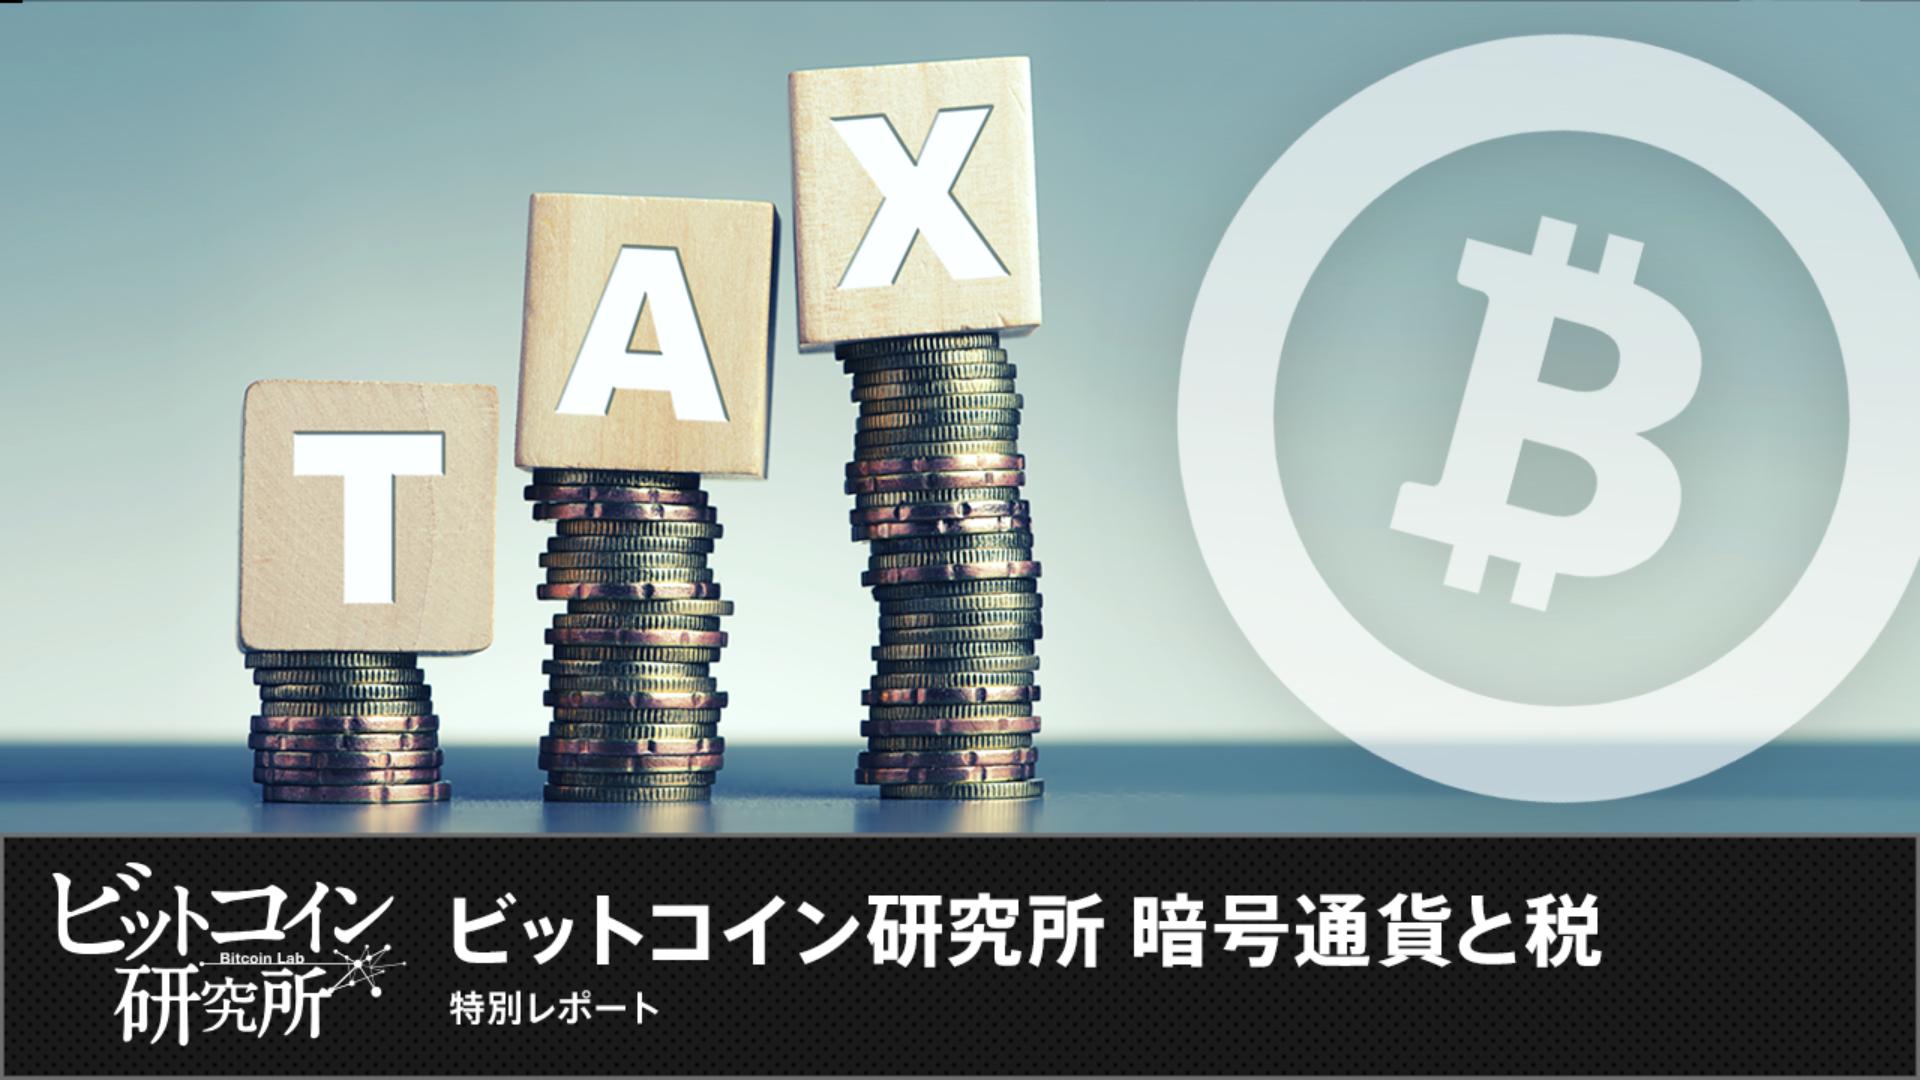 【レポート No.86】ビットコイン研究所 暗号通貨と税 特別レポート